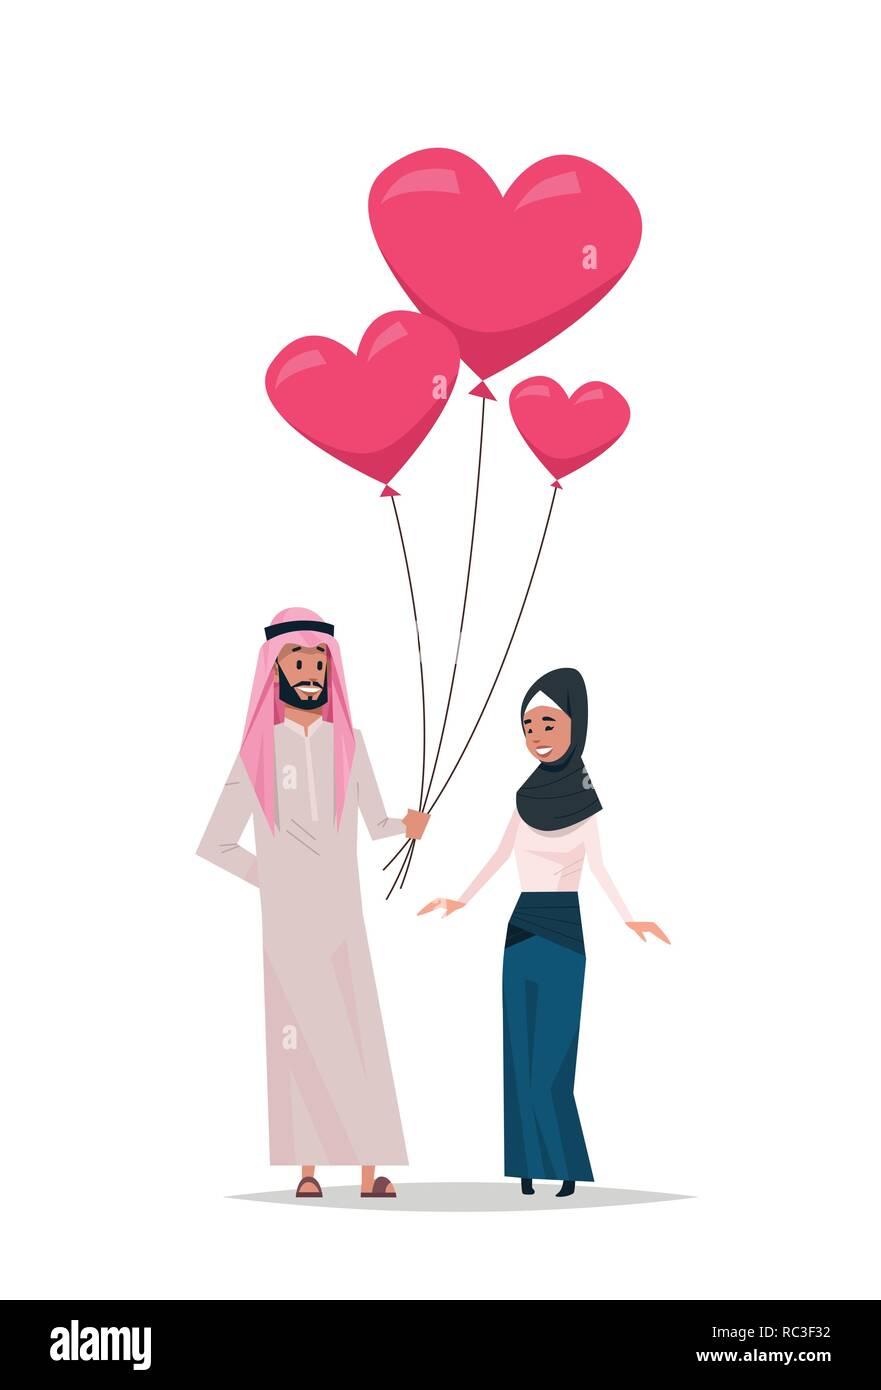 Arabischen Mann, Frau Rosa Herz Luftballons happy valentines ...